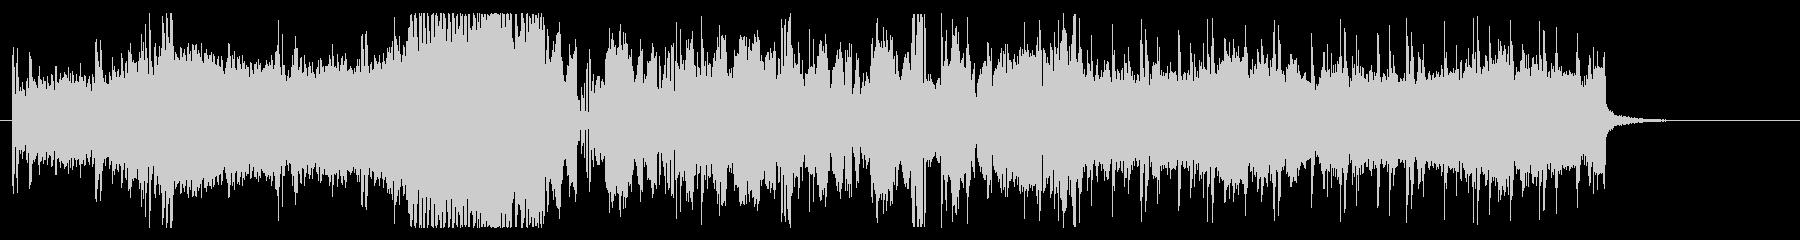 自動車のCMをイメージしたbgmの未再生の波形